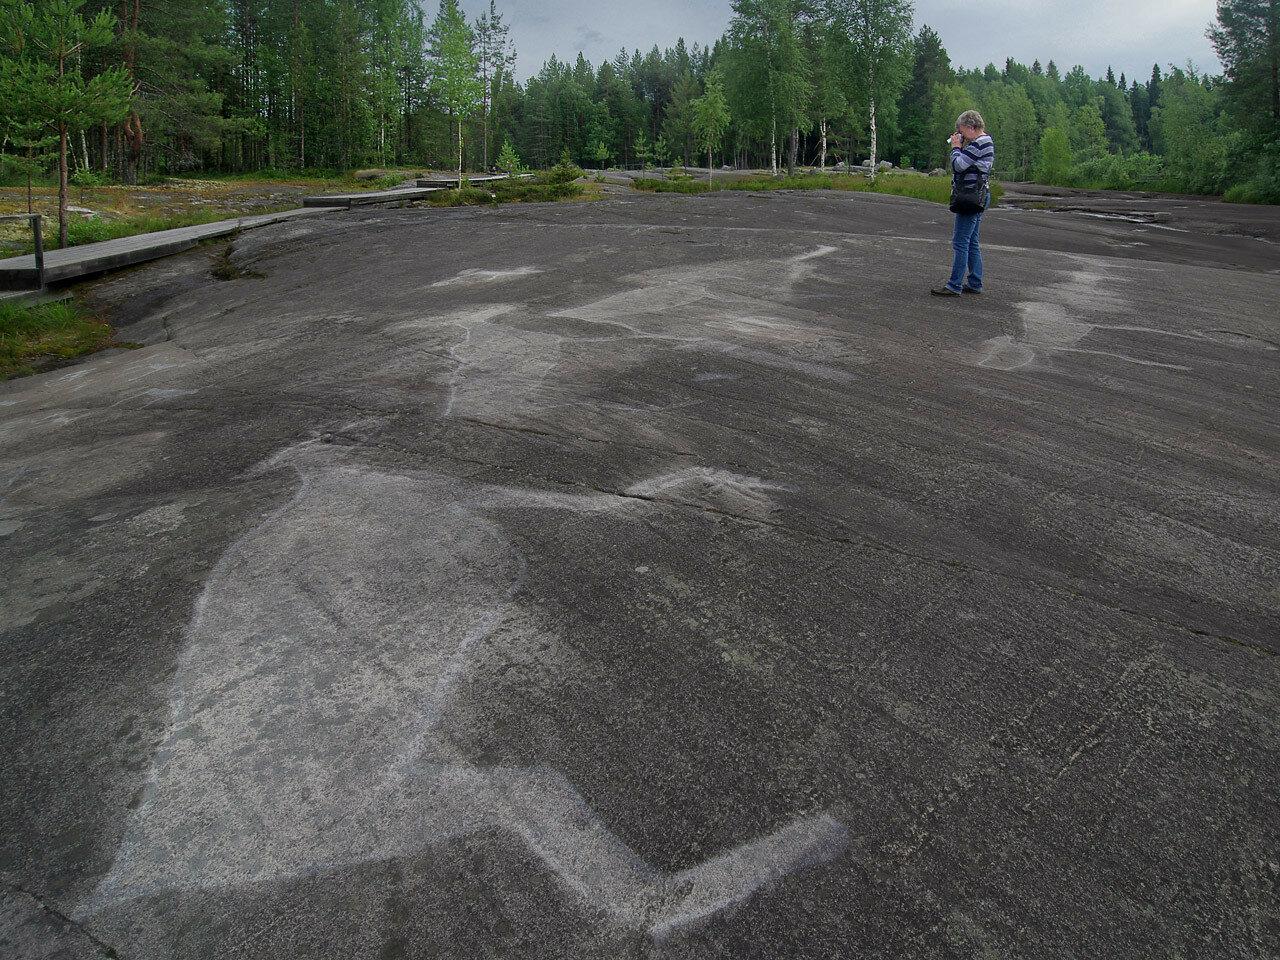 Беломорские петроглифы. Автор фото: Юрий Семенов